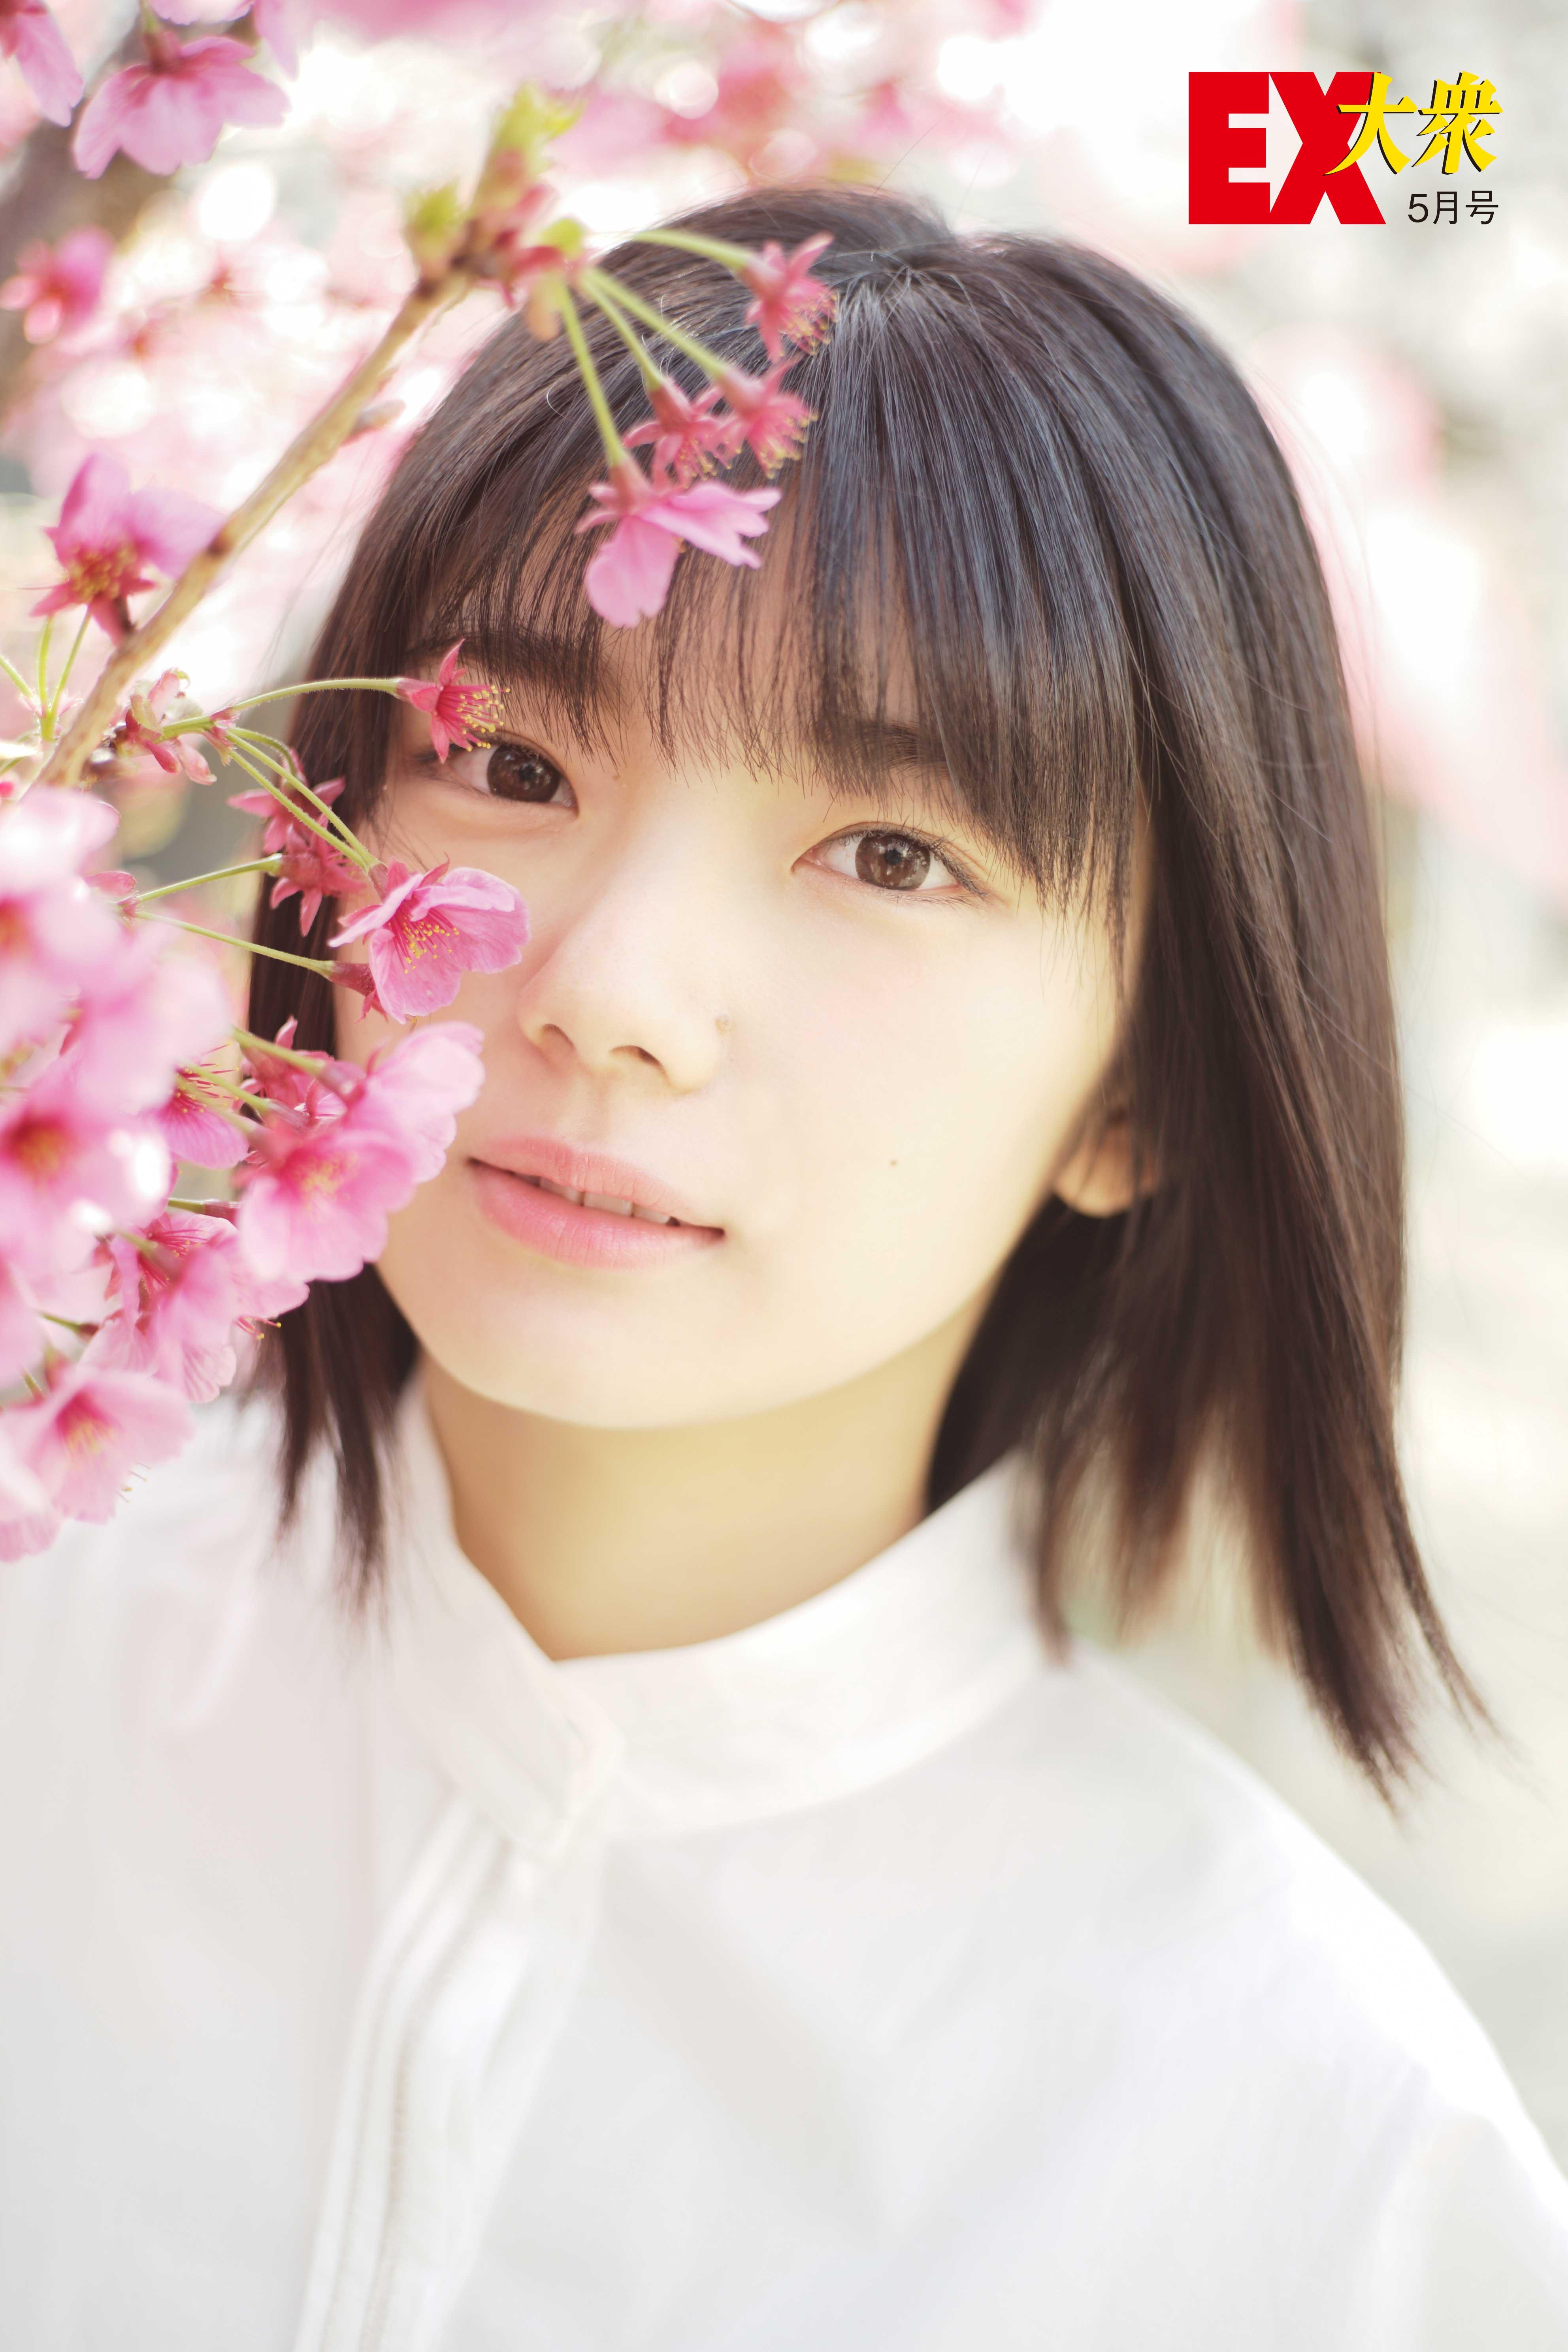 欅坂46藤吉夏鈴の本誌未掲載カット3枚を大公開!【EX大衆5月号】の画像001